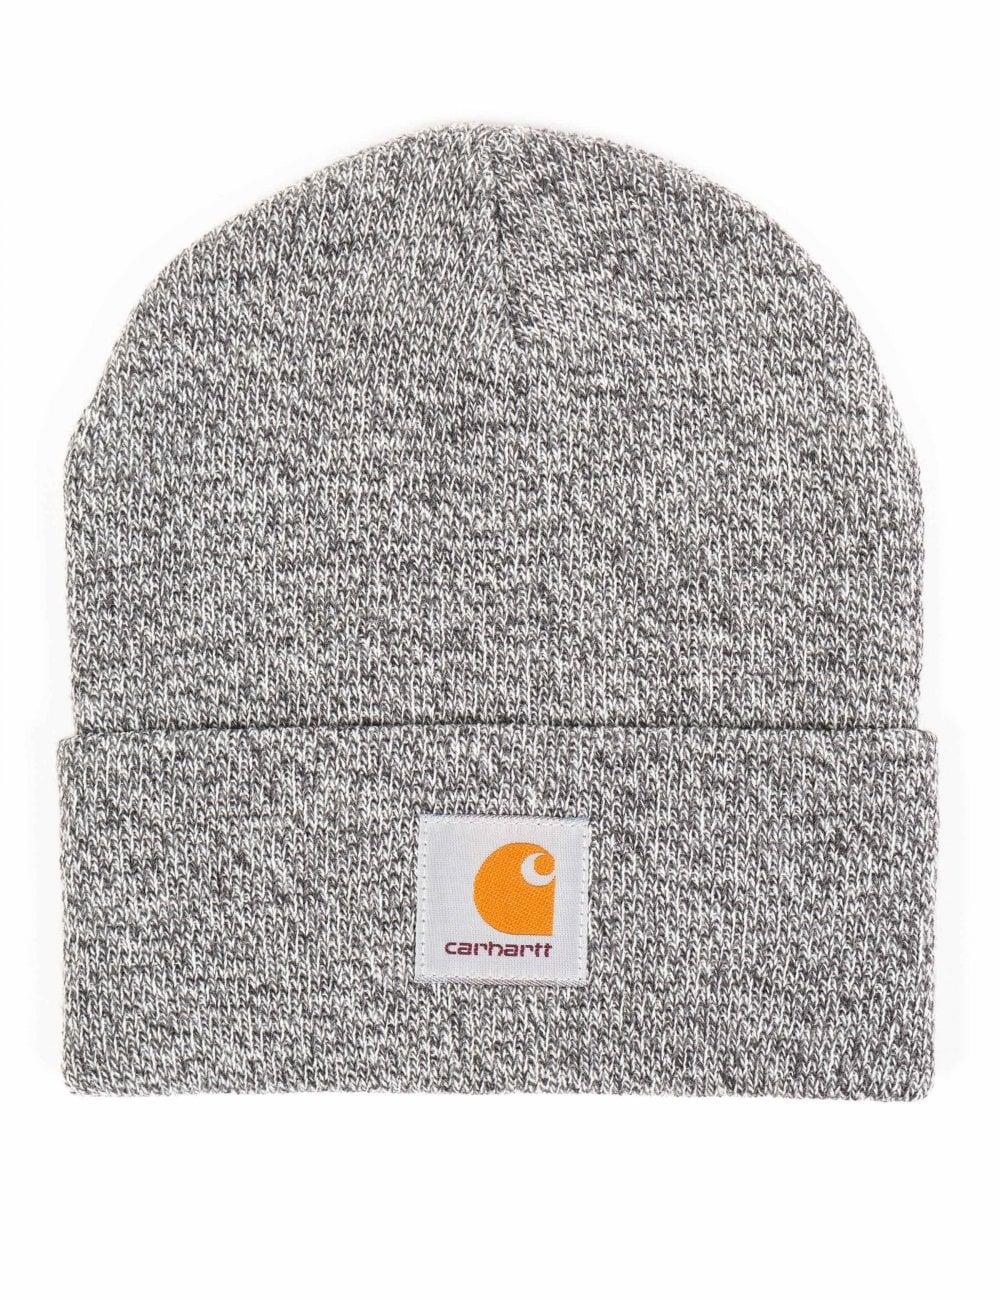 b08a7236985 Carhartt WIP Scott Watch Hat - Dark Grey Heather Wax - Accessories ...